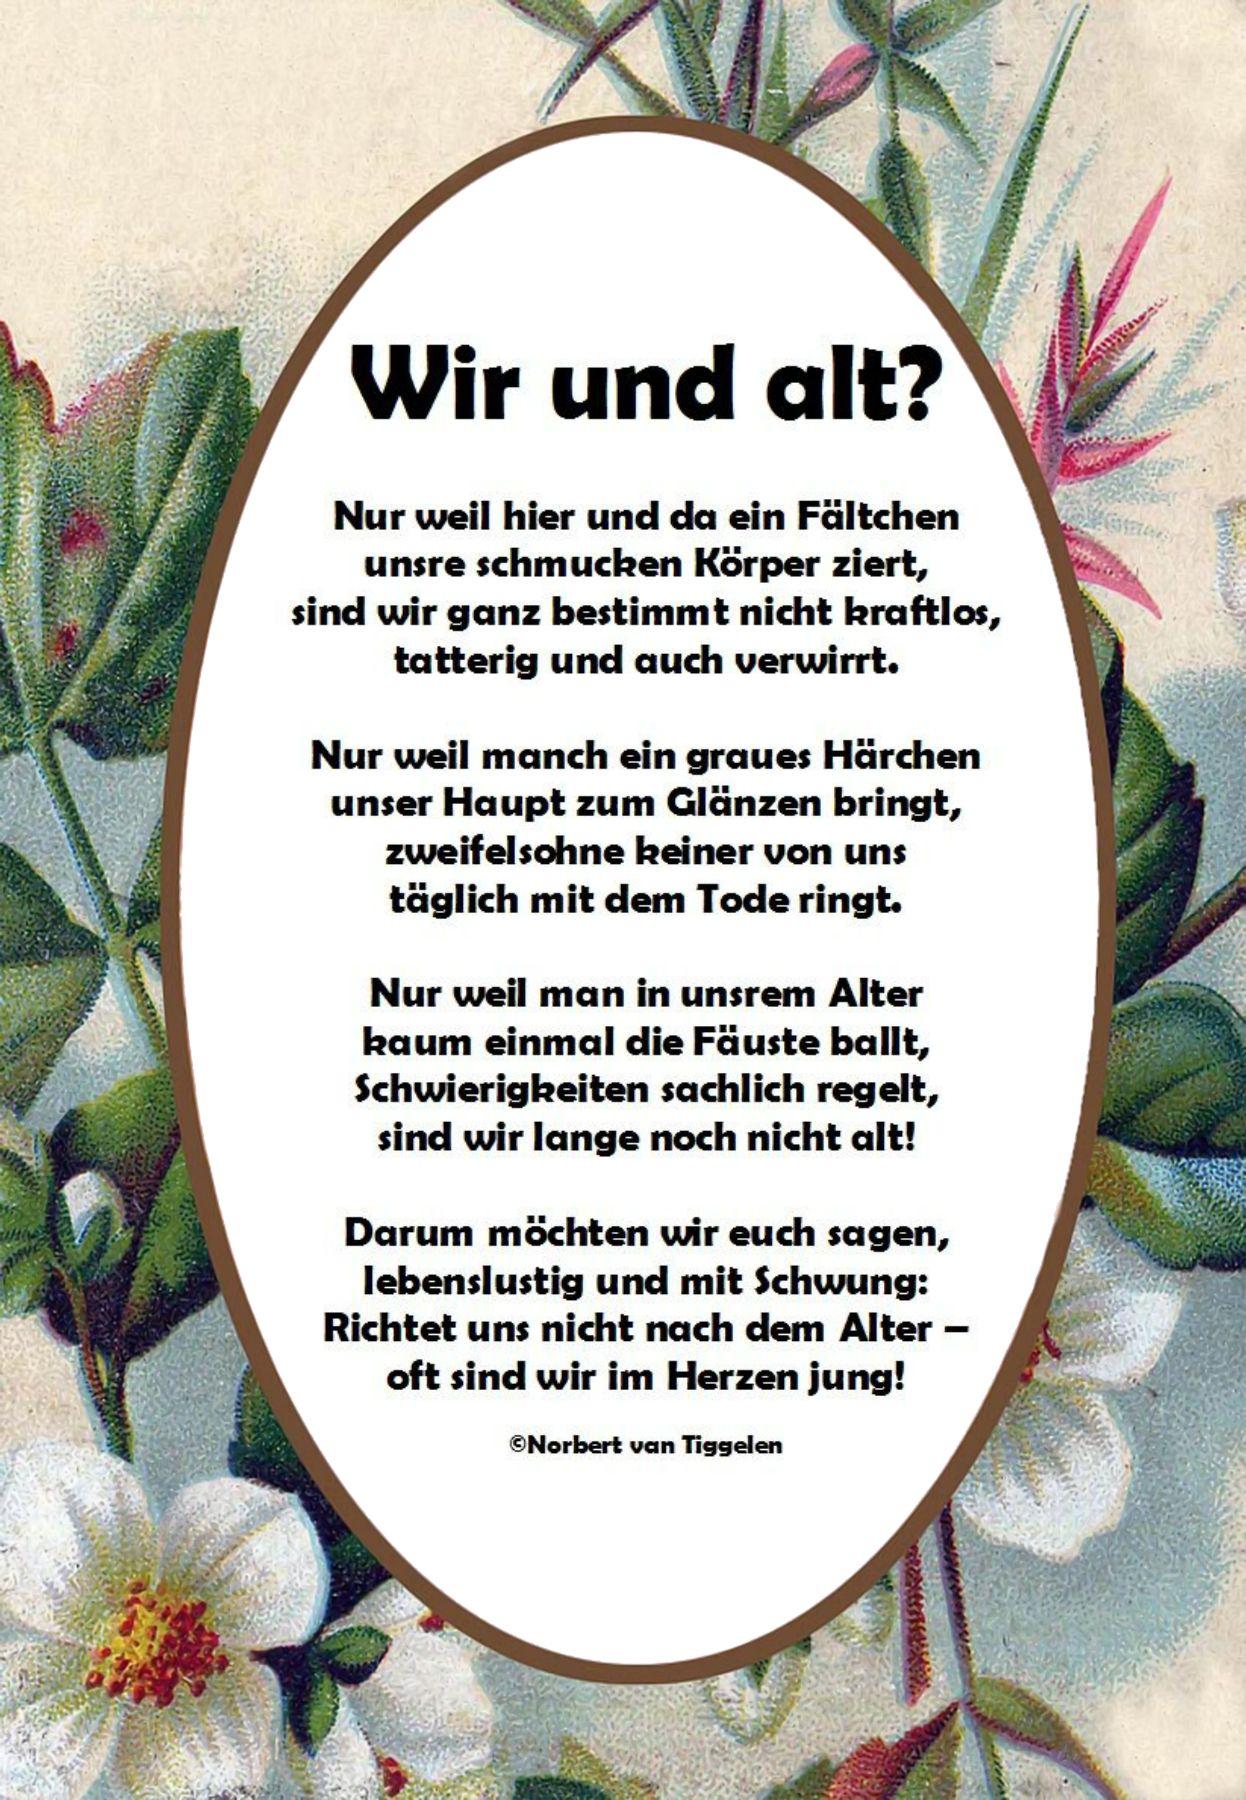 Pin von Annette Snger auf Srche  Lebensweisheiten Gedichte und sprche und Kluge sprche